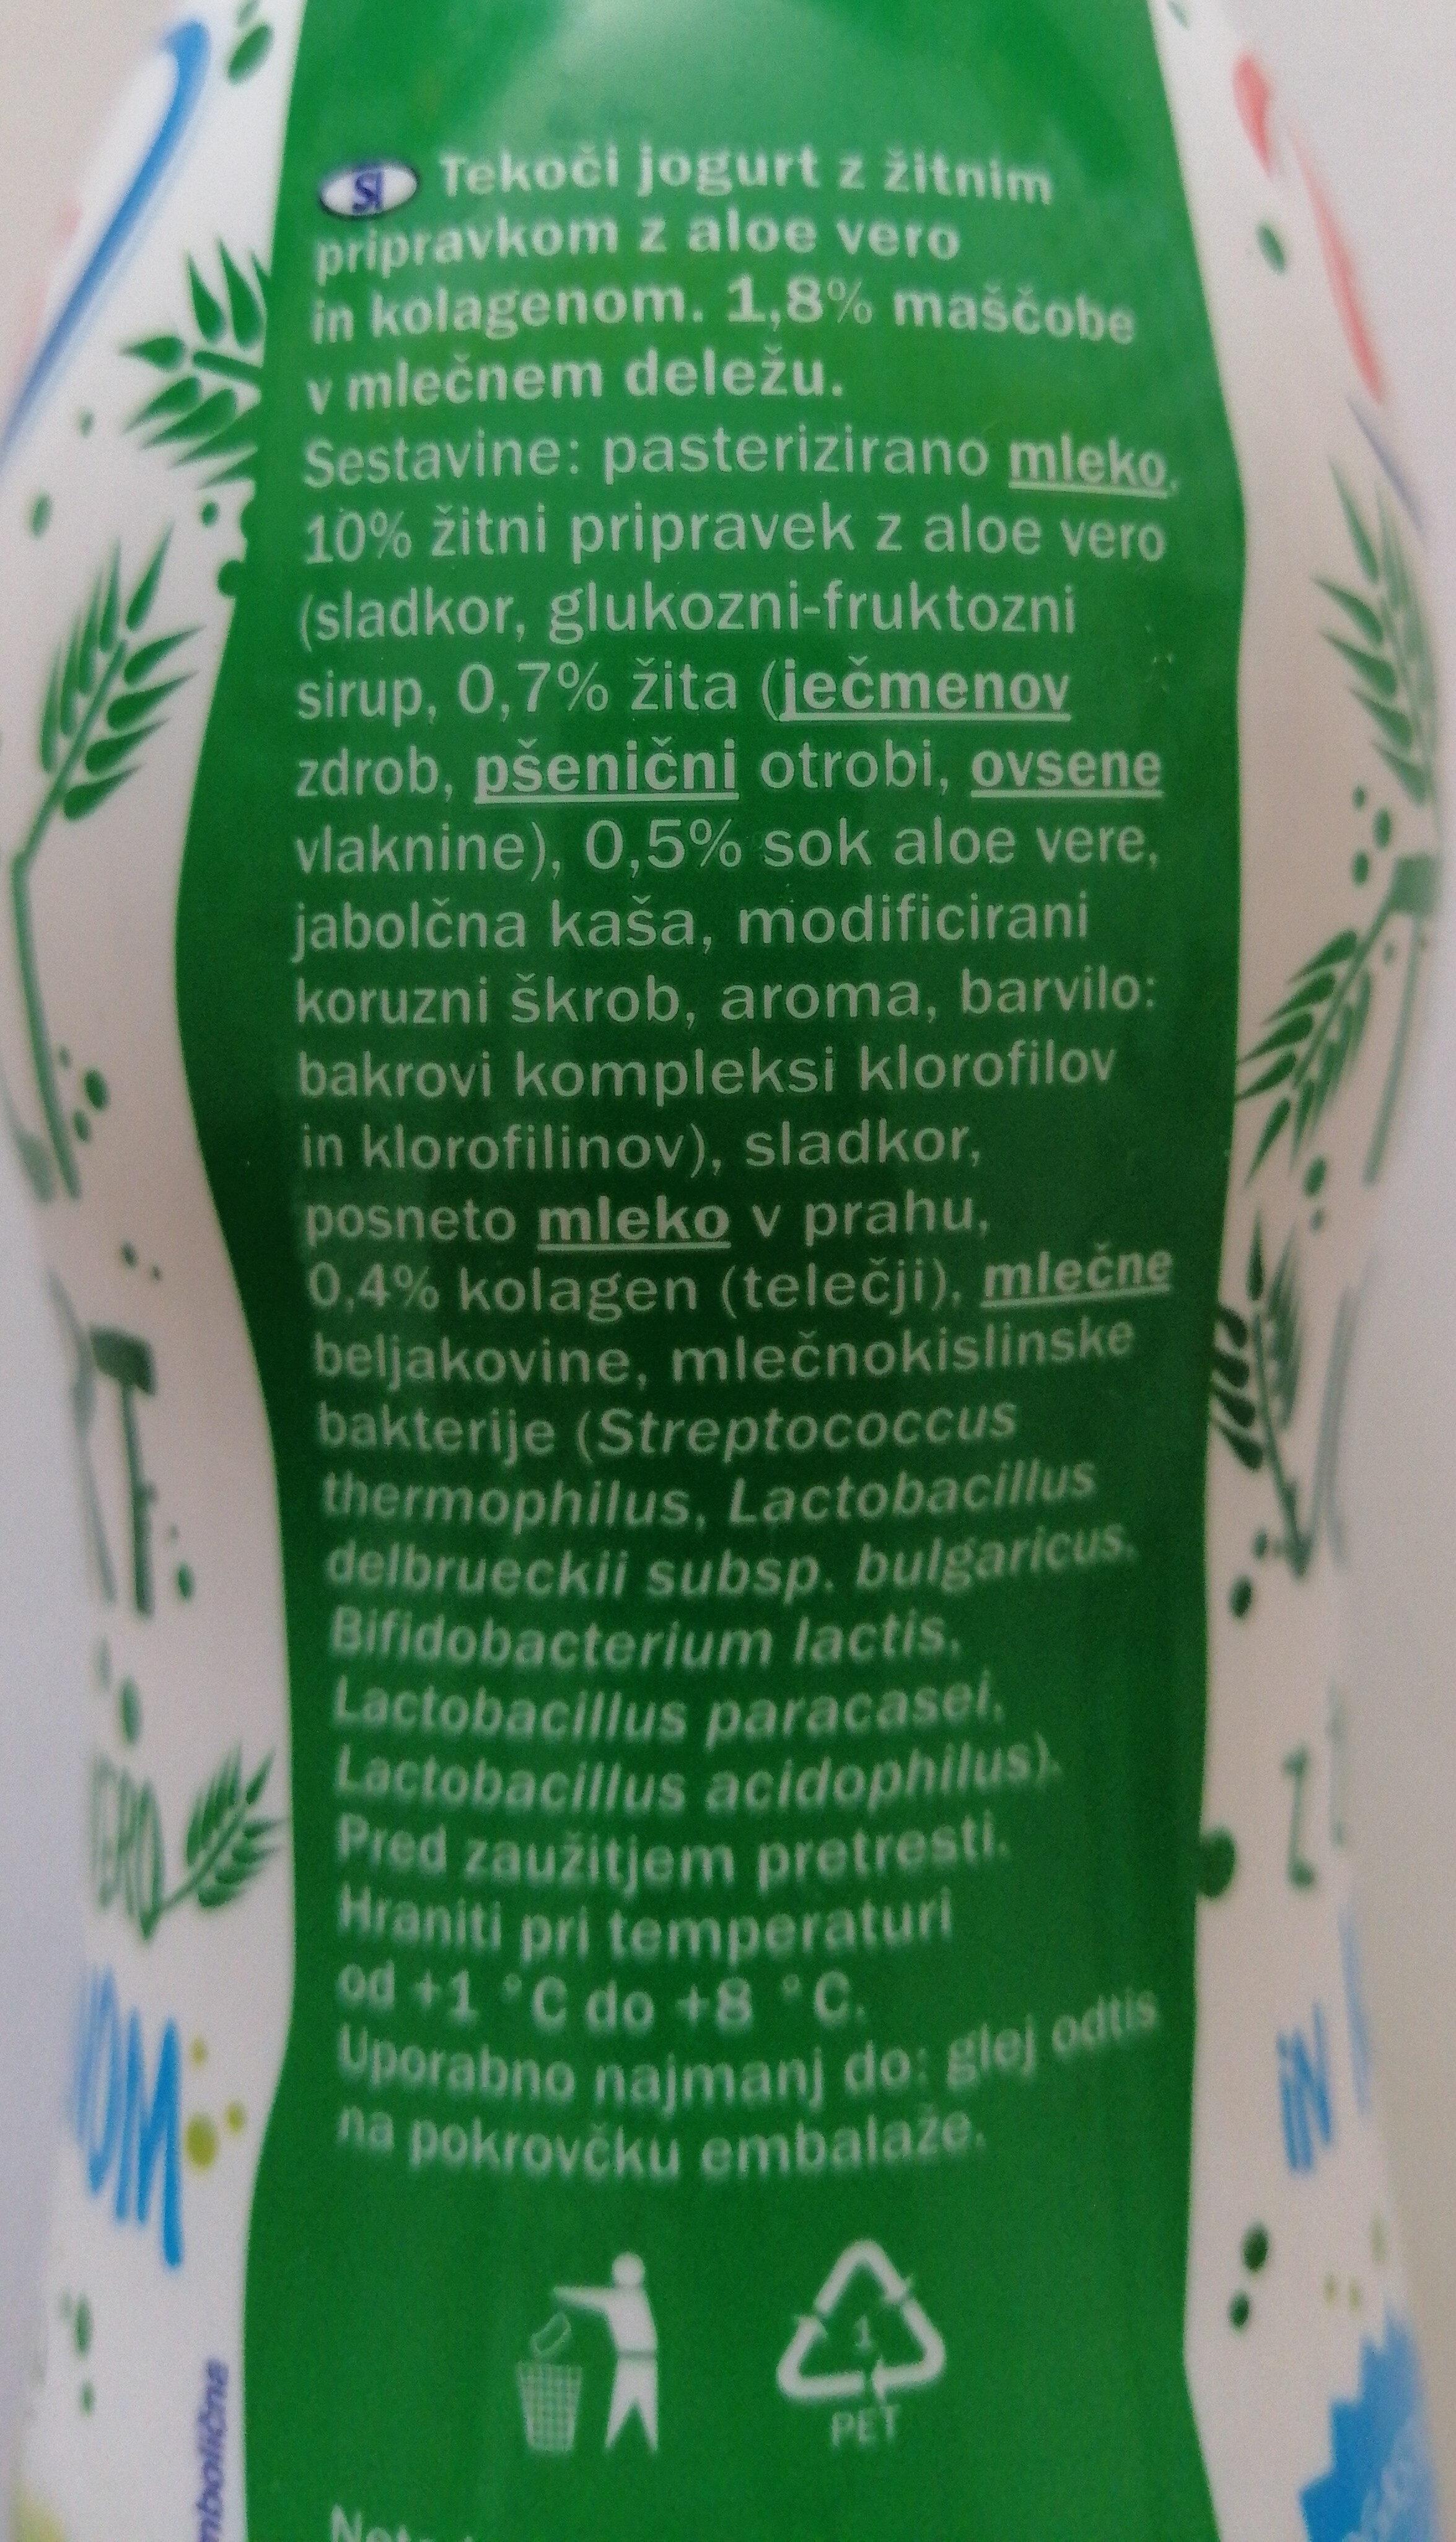 Tekoči jogurt z žitnim pripravkom in aloe vero - Ingredienti - sl